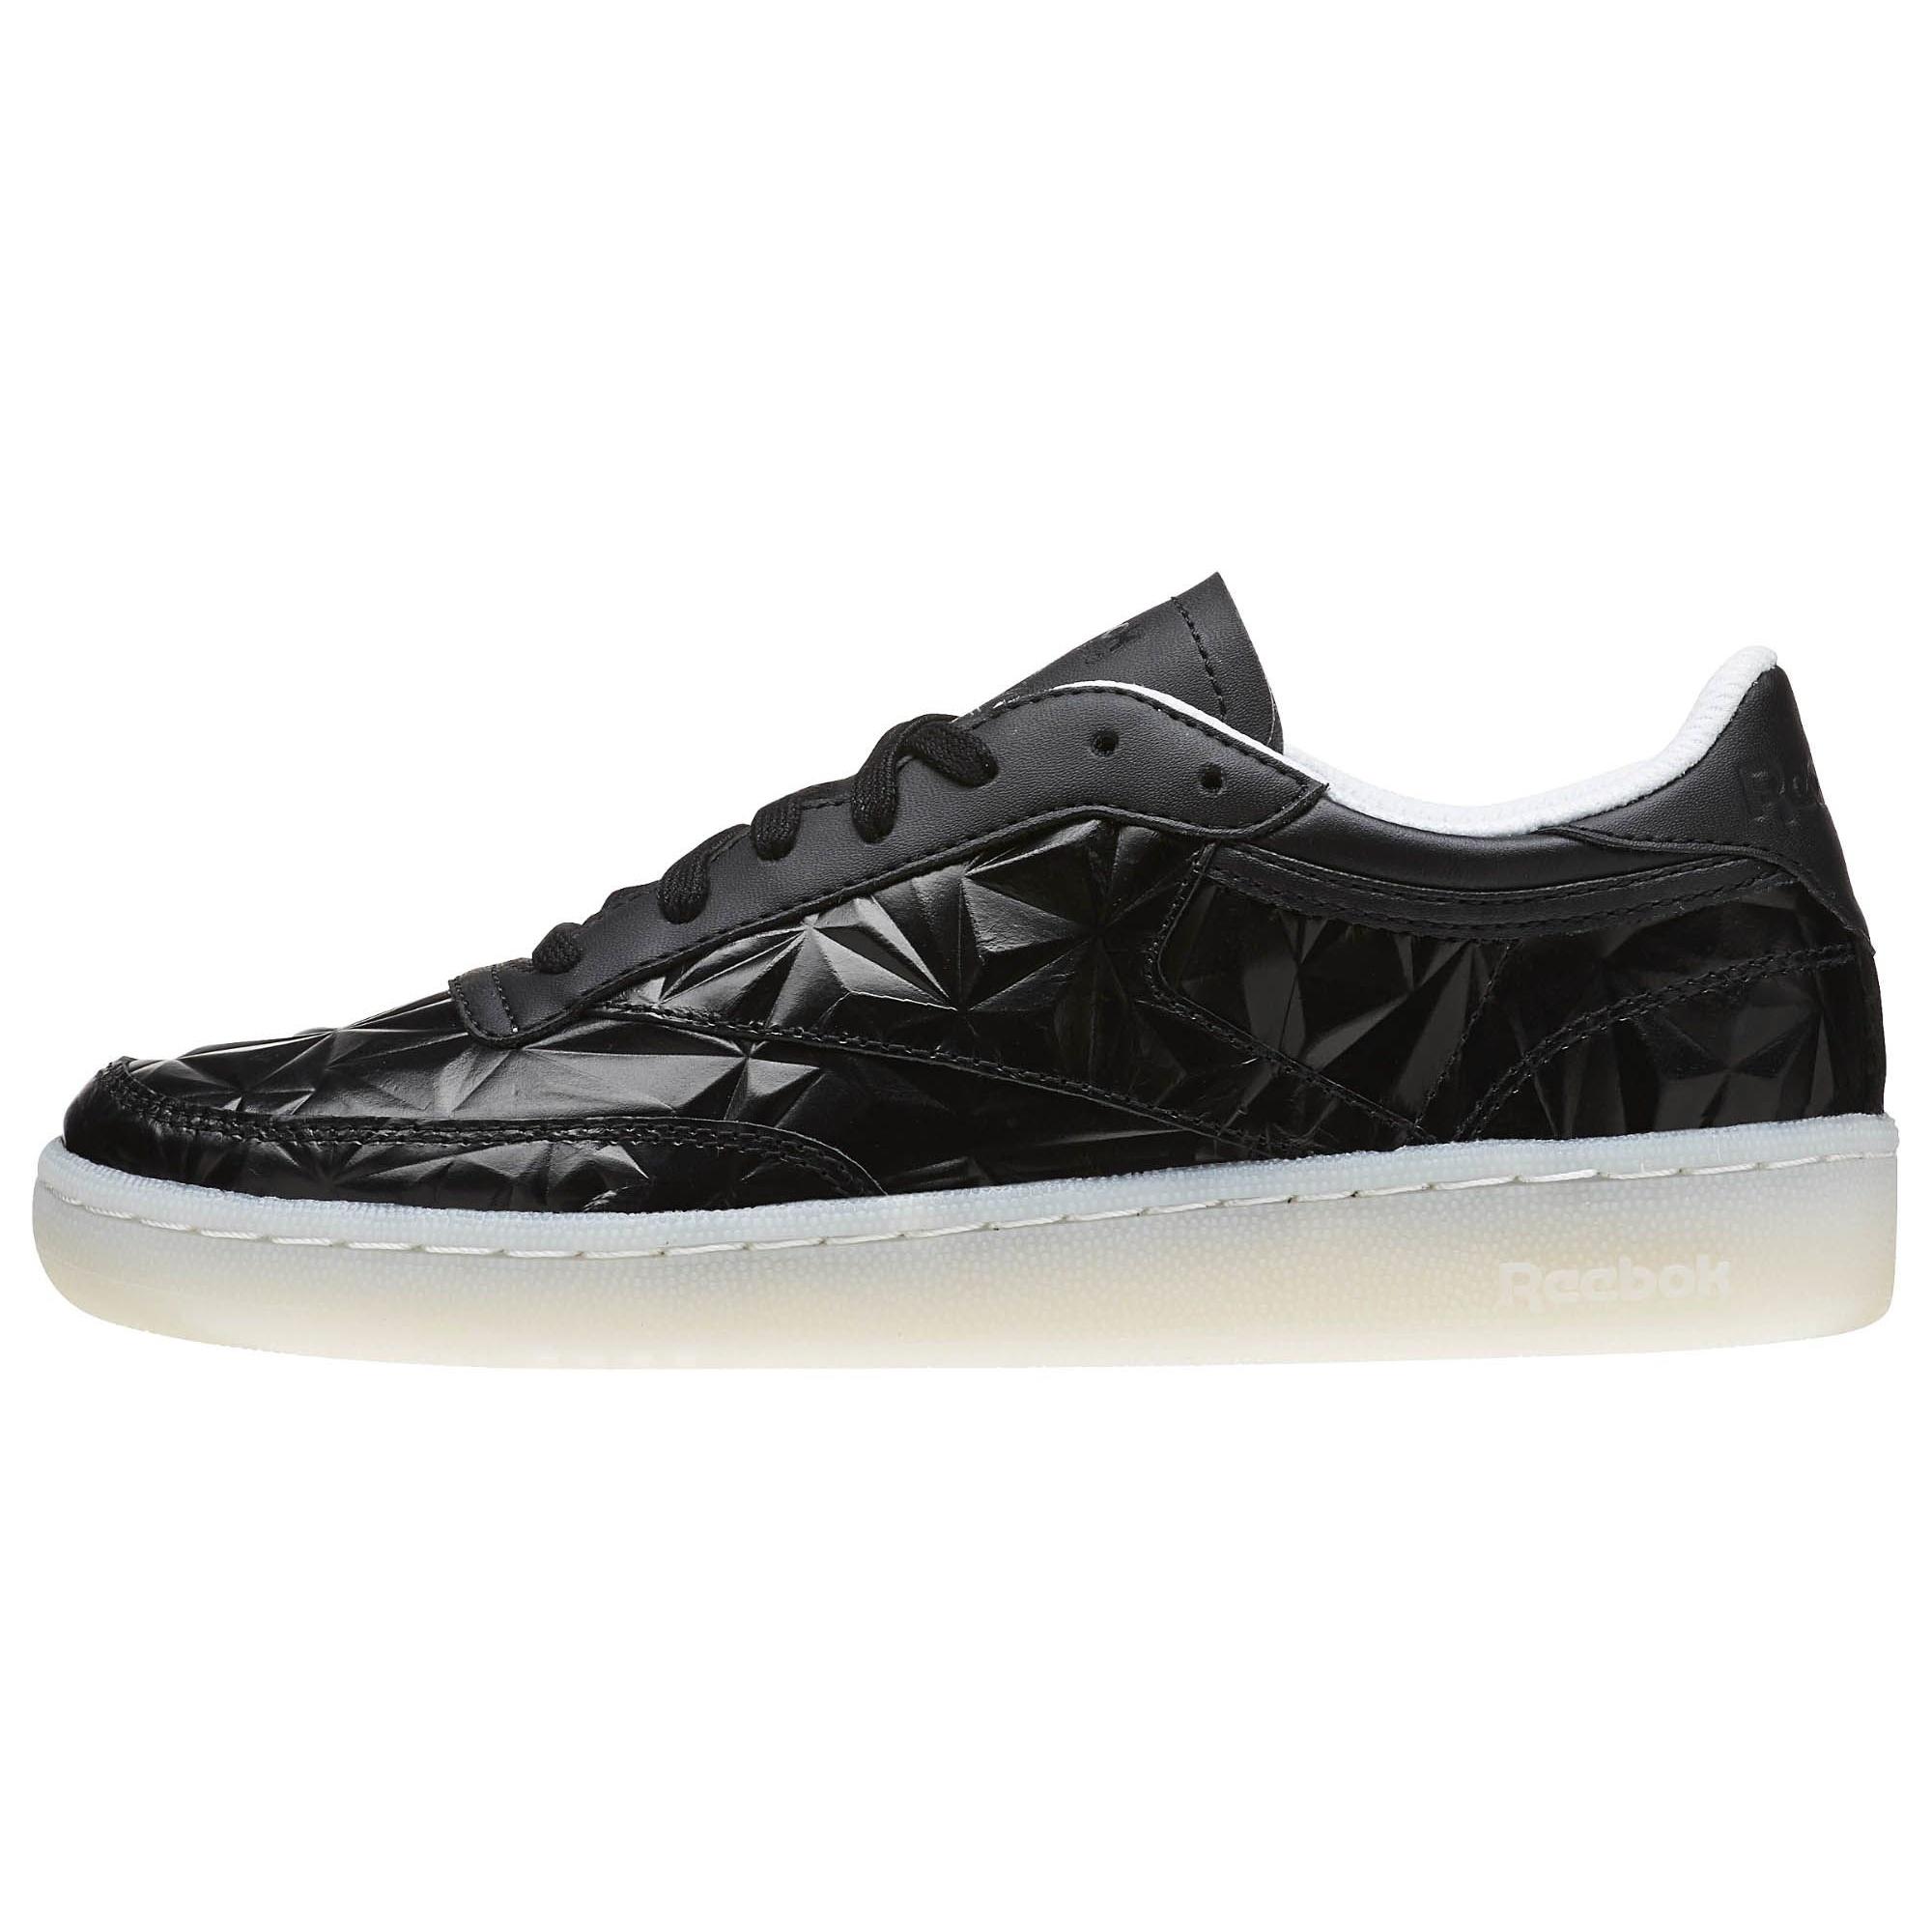 کفش مخصوص تنیس زنانه ریباک سری CLUB C 85 مدل BD4889